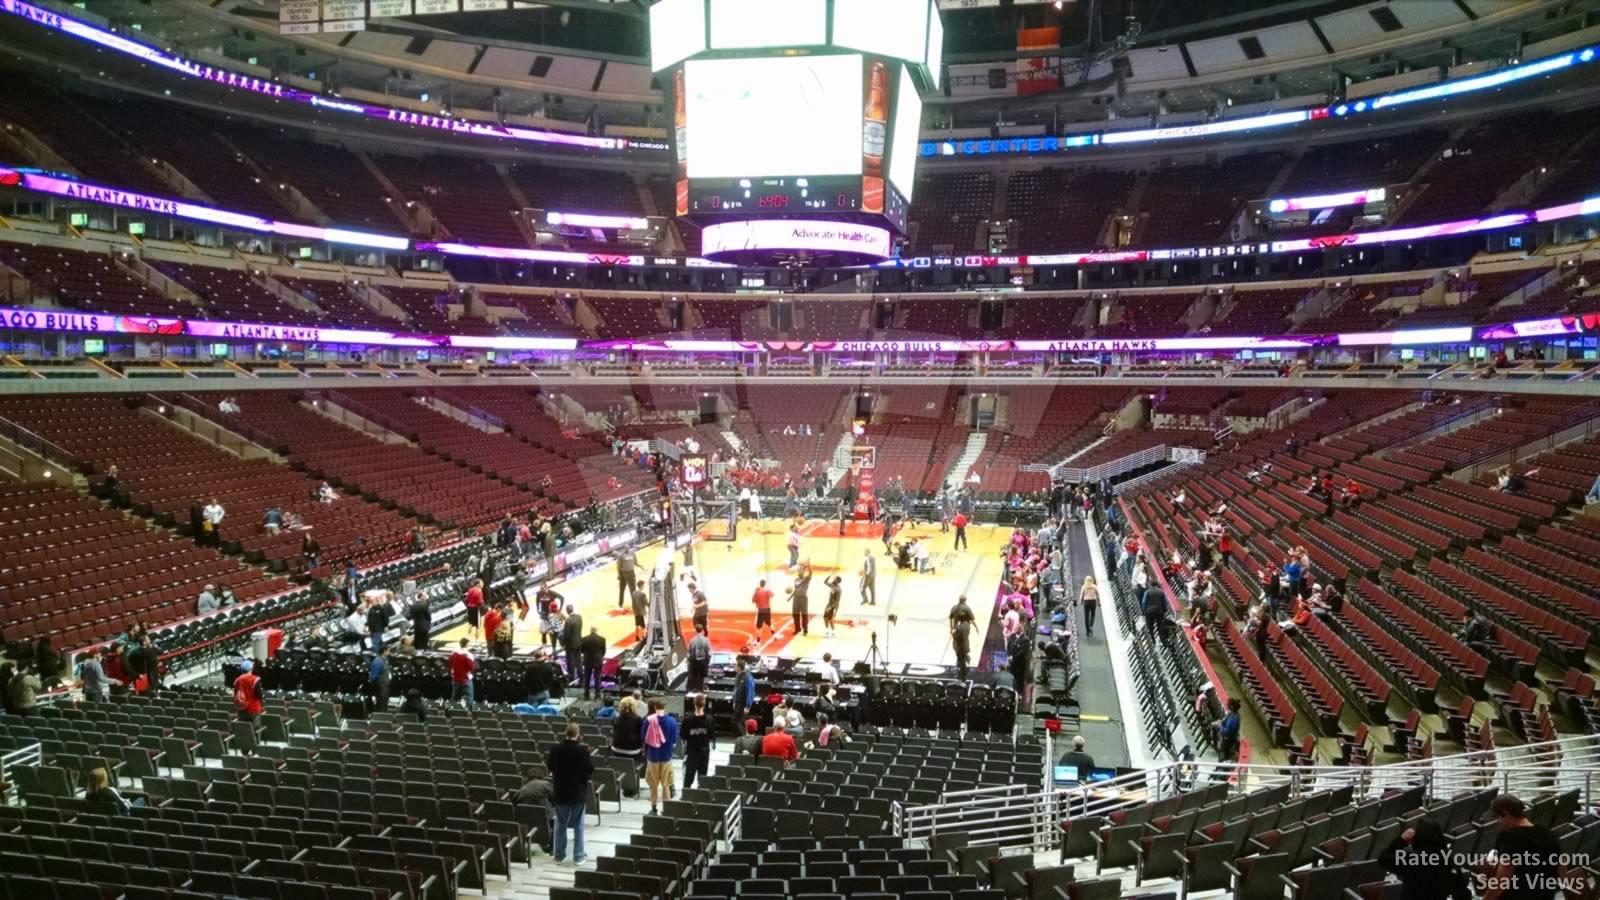 United Center Section 118 >> United Center Section 116 - Chicago Bulls - RateYourSeats.com